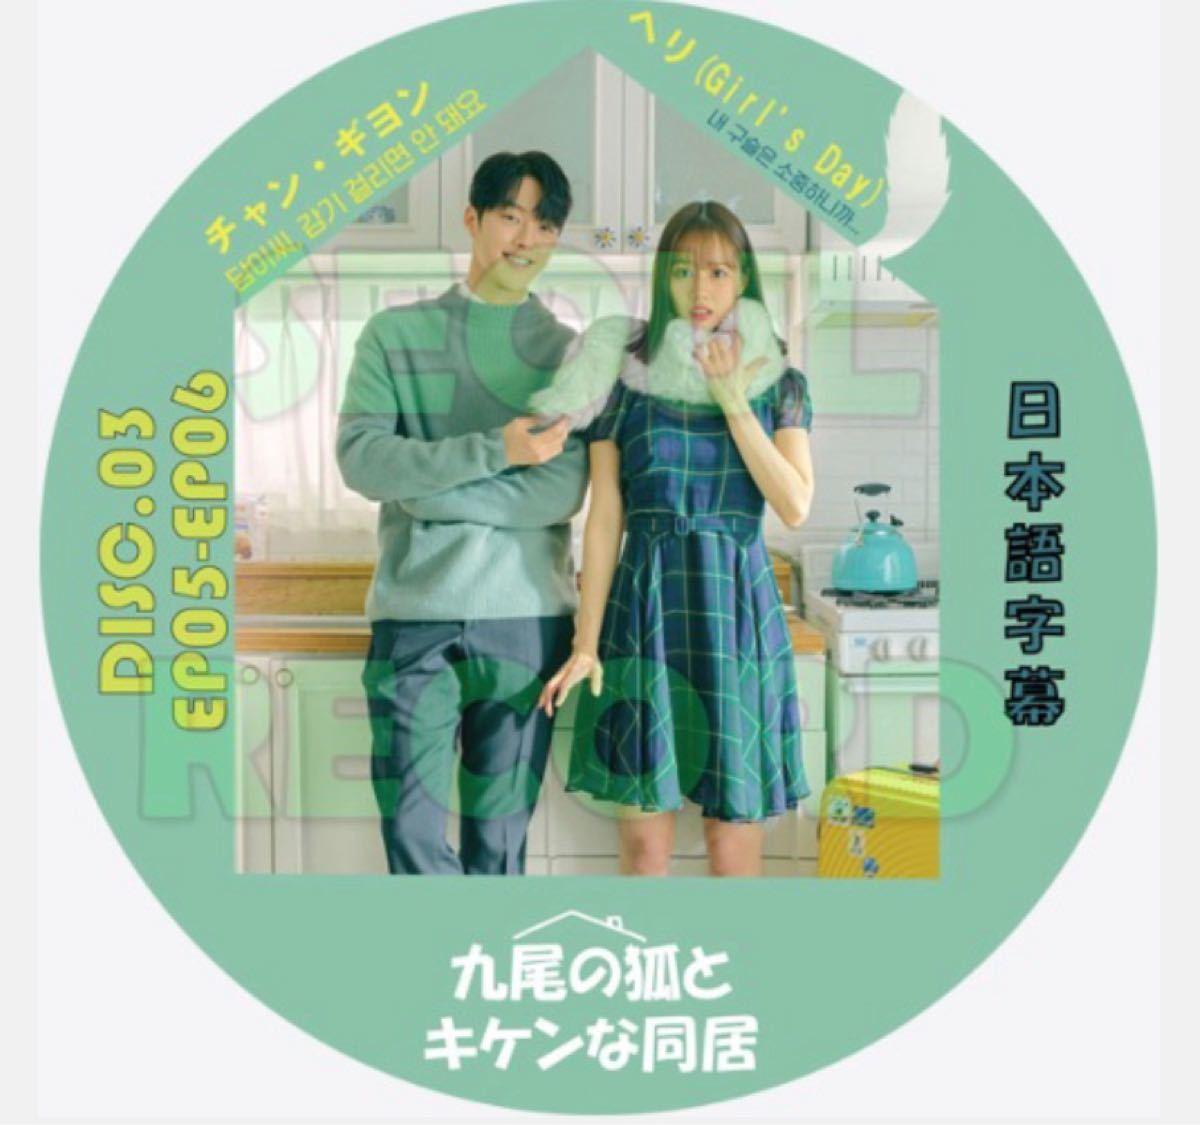 九尾の狐とキケンな同居 DISK03  EP5+6  (日本語字幕) DVDレーベル印刷付